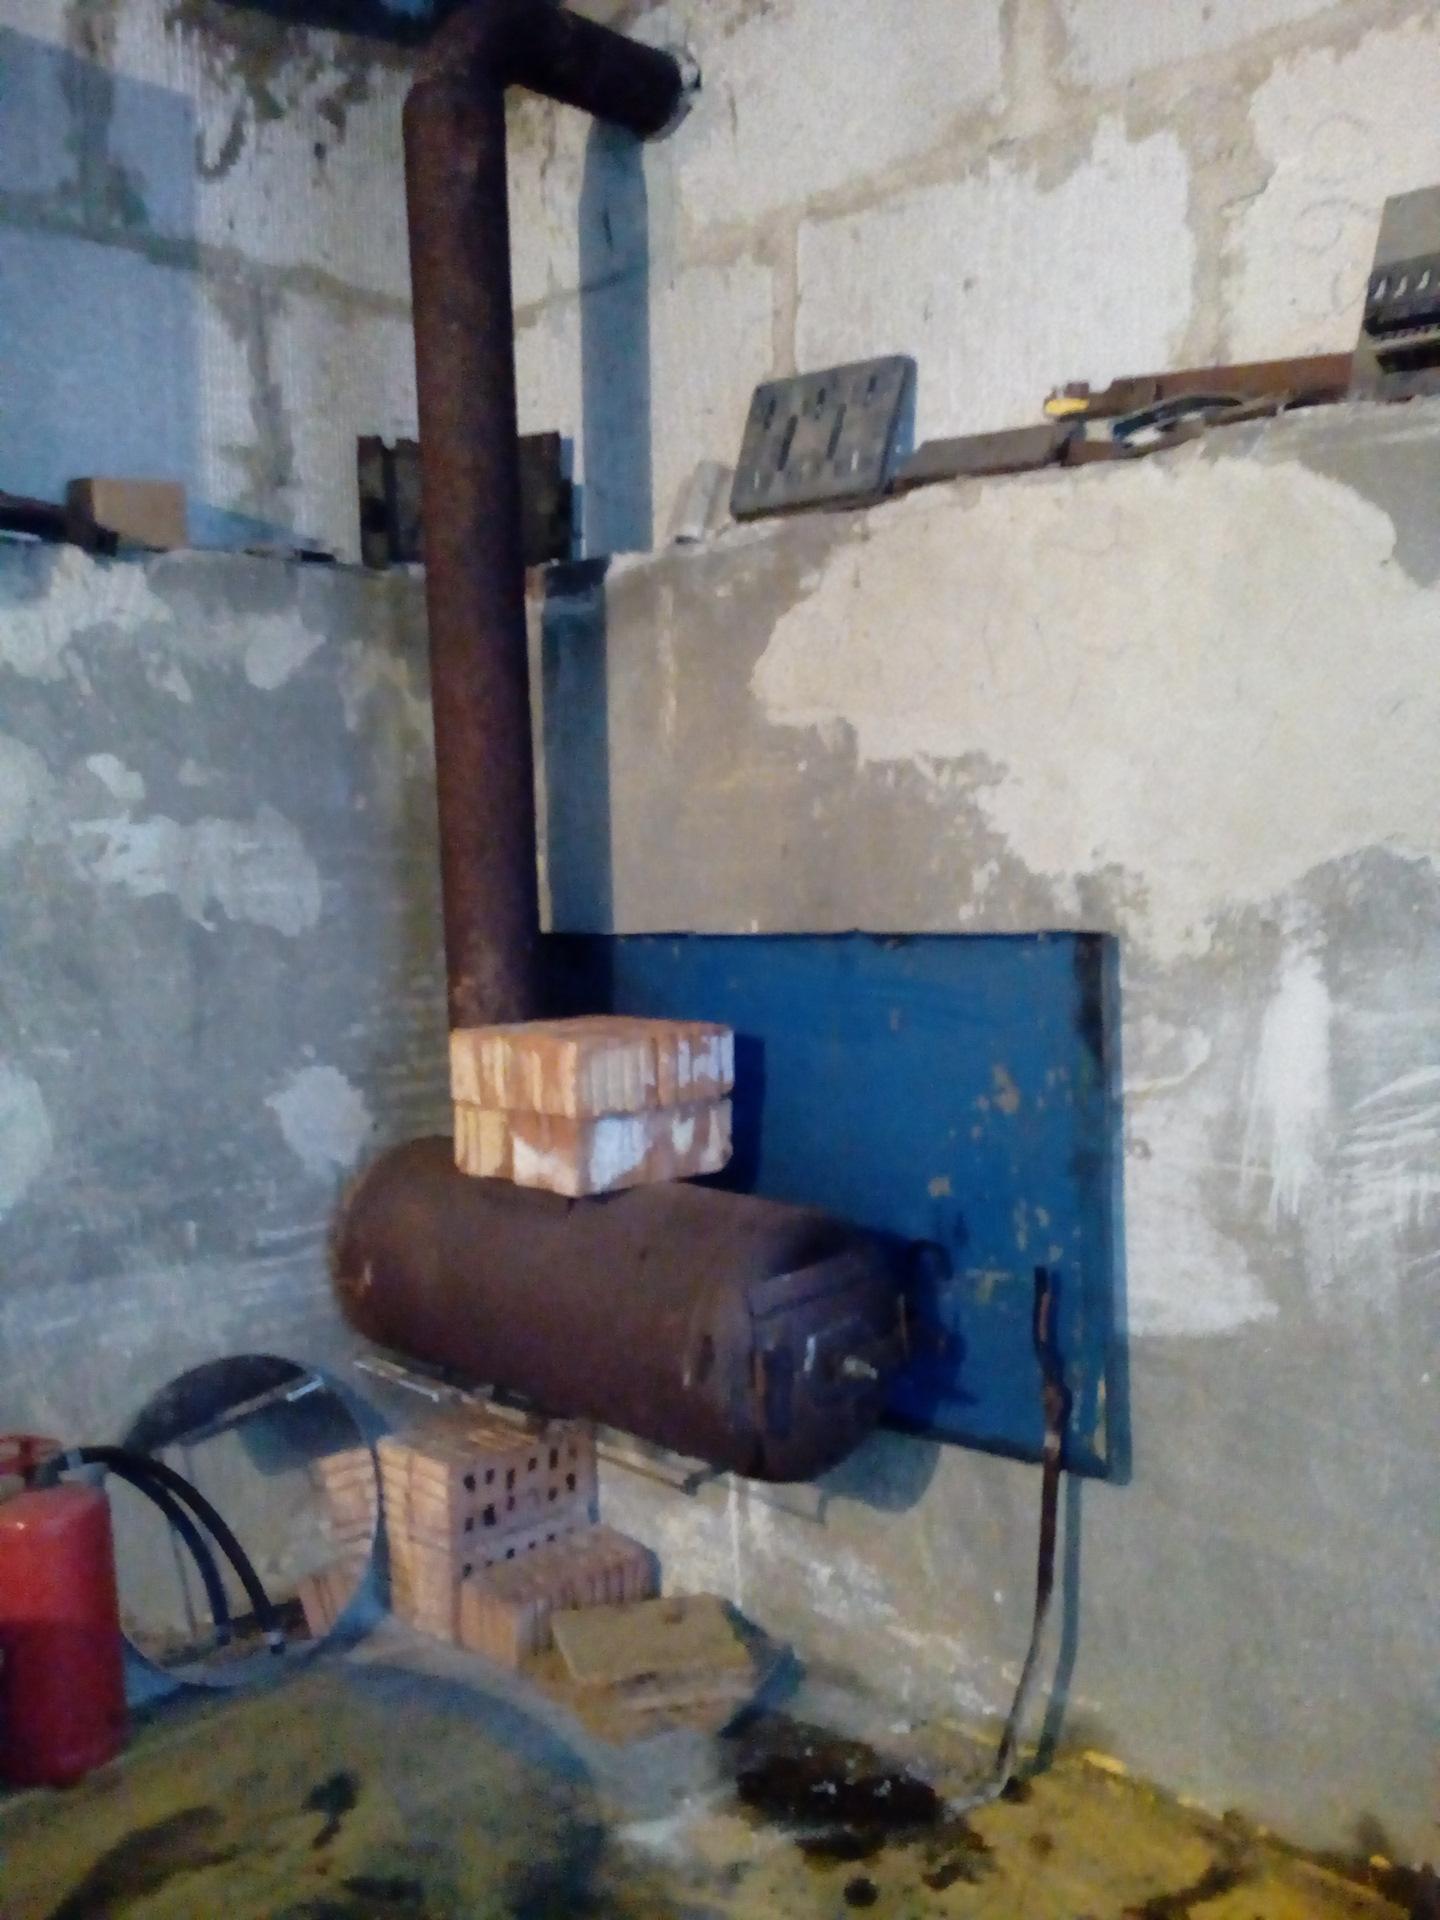 Отопление в гараже: поиски эффективного и экономичного способа